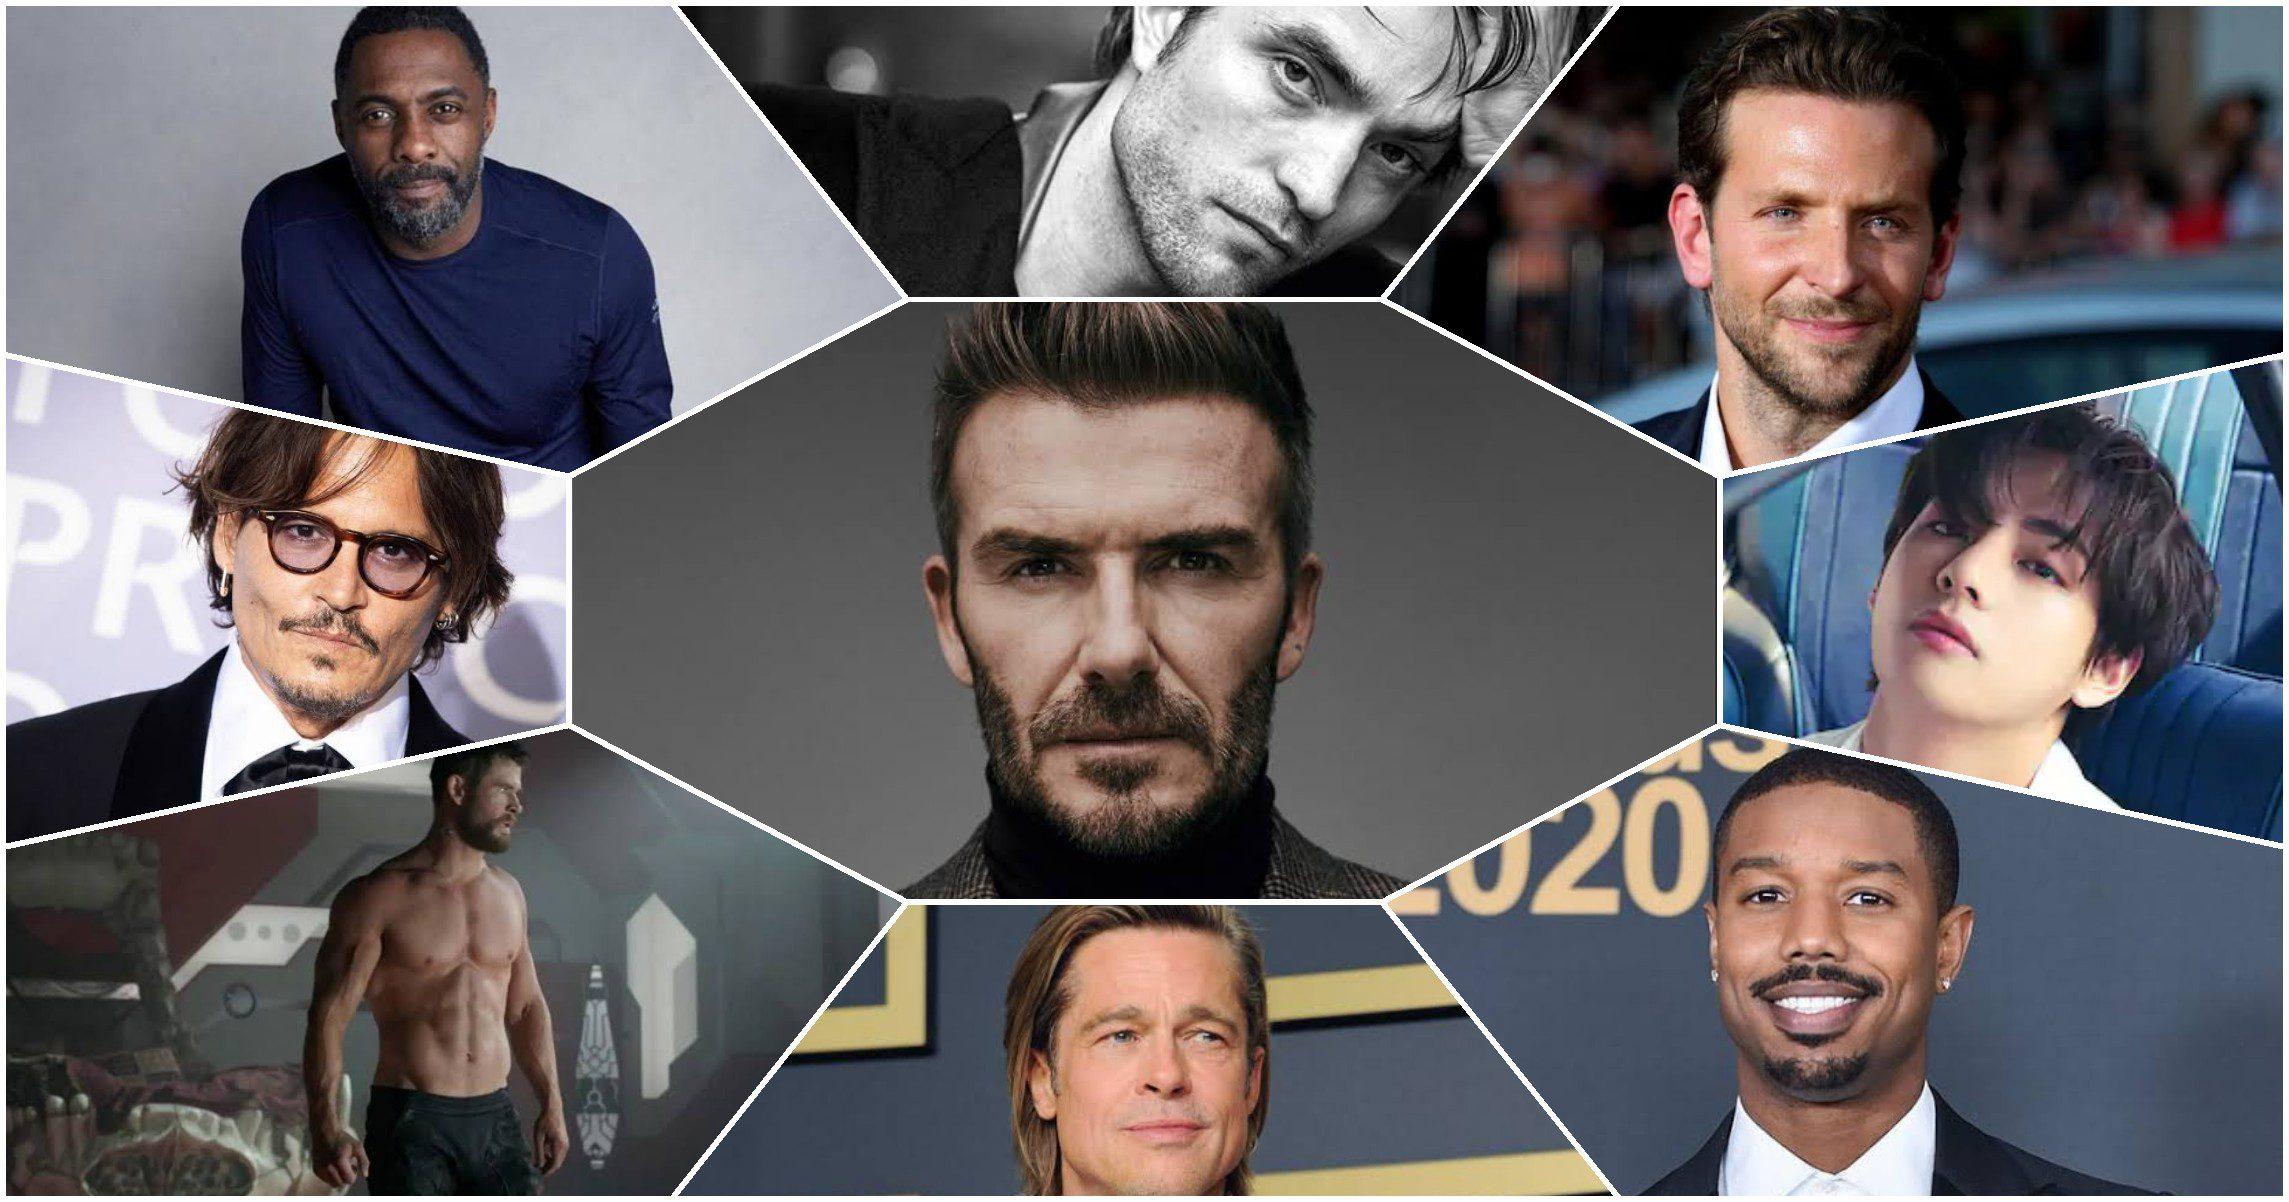 List of TOP 10 Hottest Men On Internet